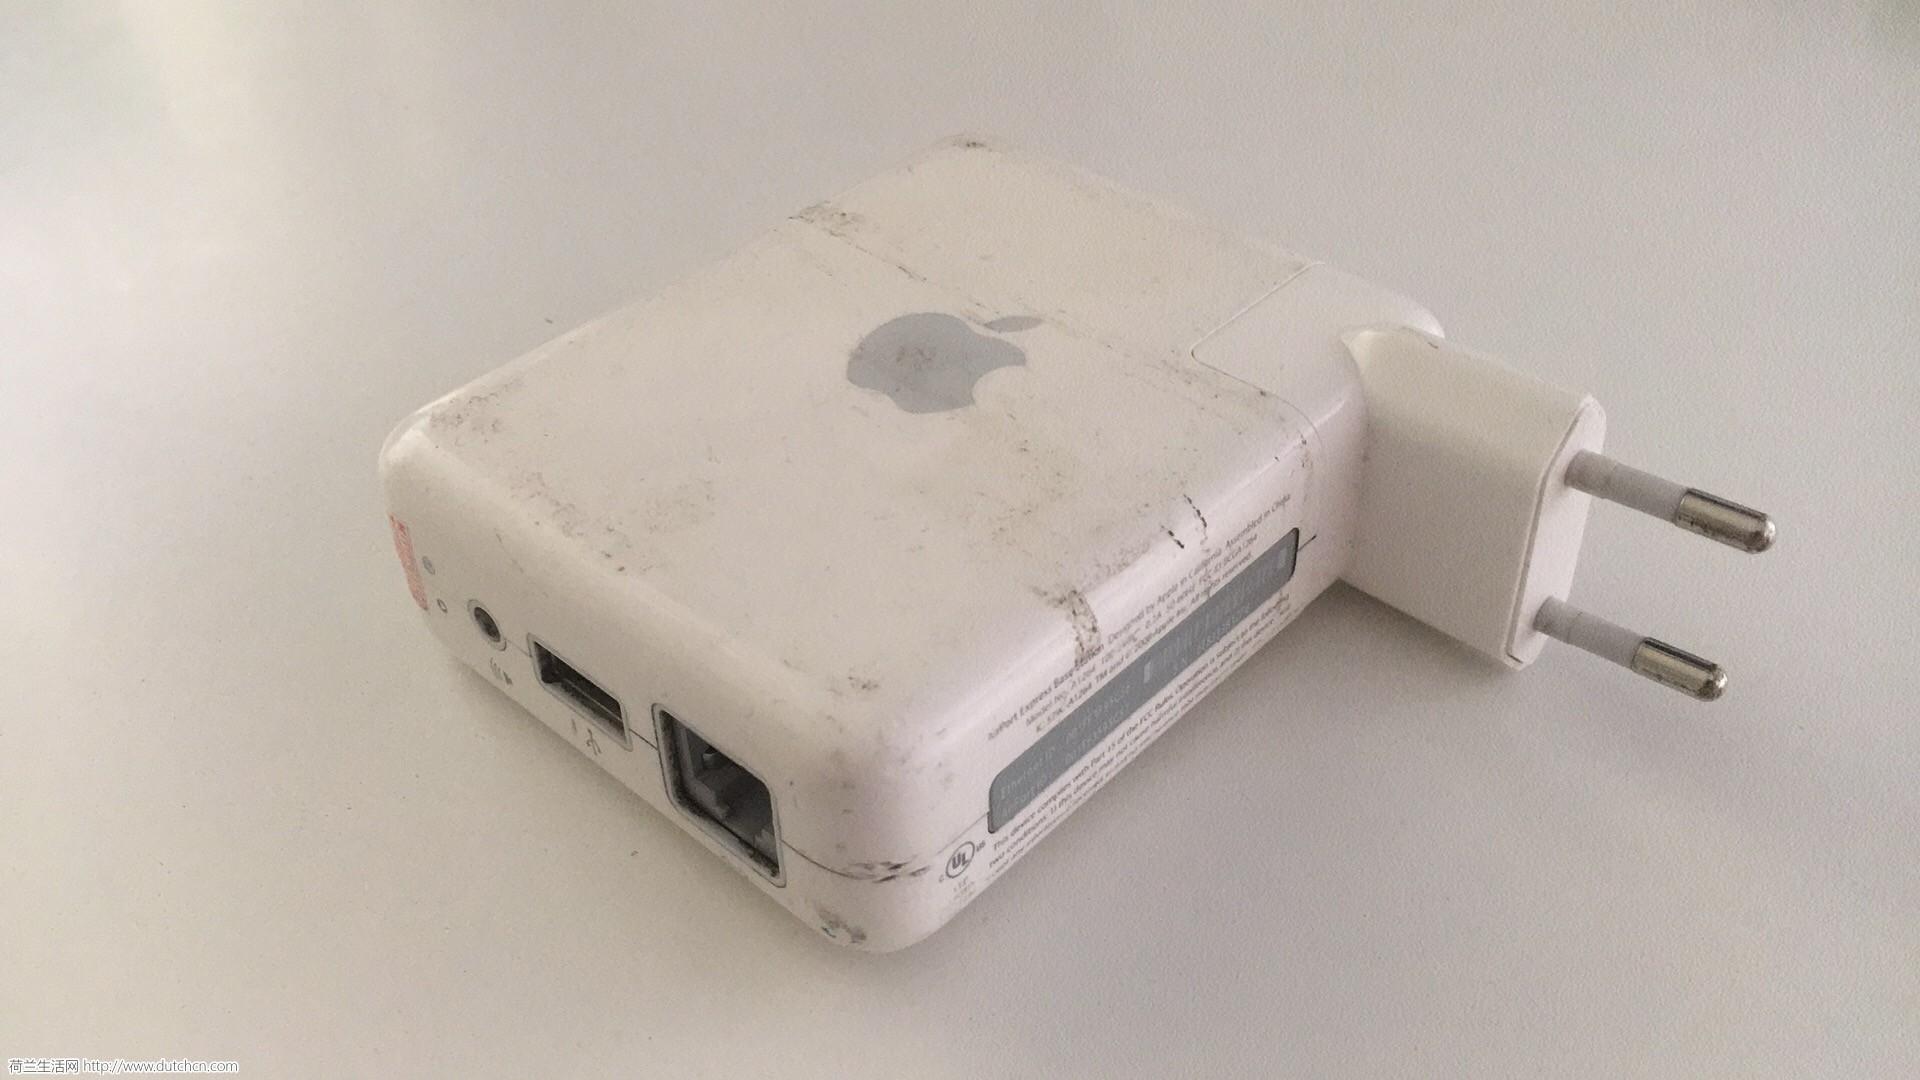 出苹果路由器和相机三脚架(也可以转接手机)